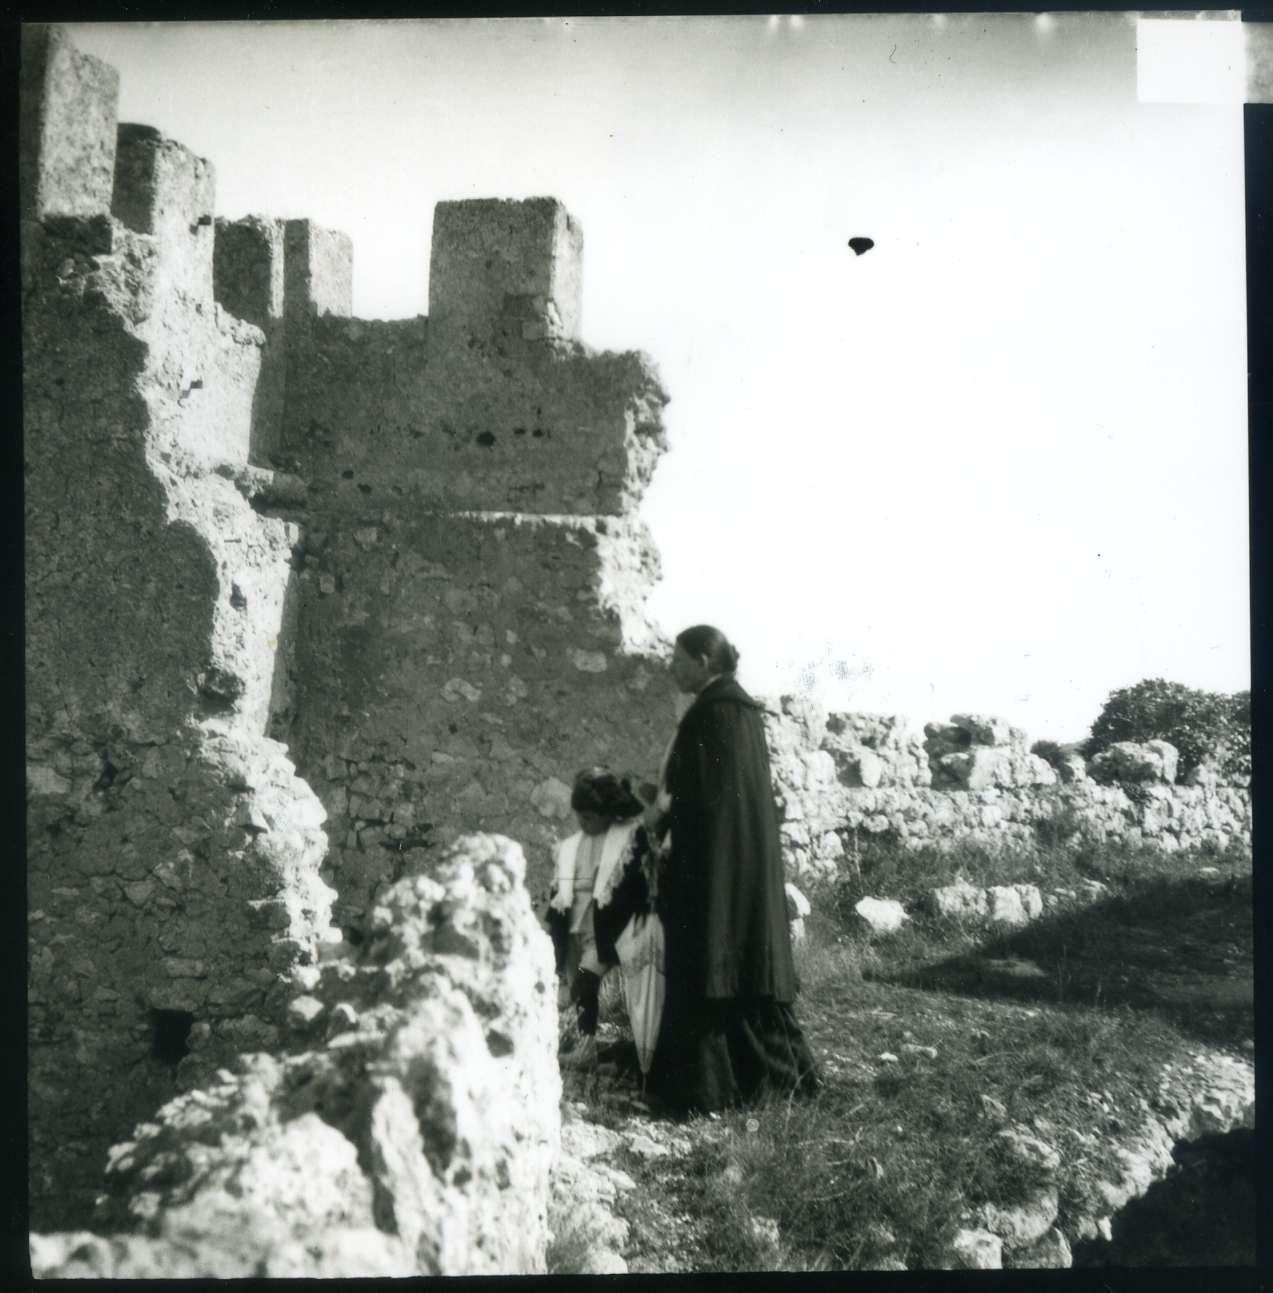 spalti-del-castello-medievale